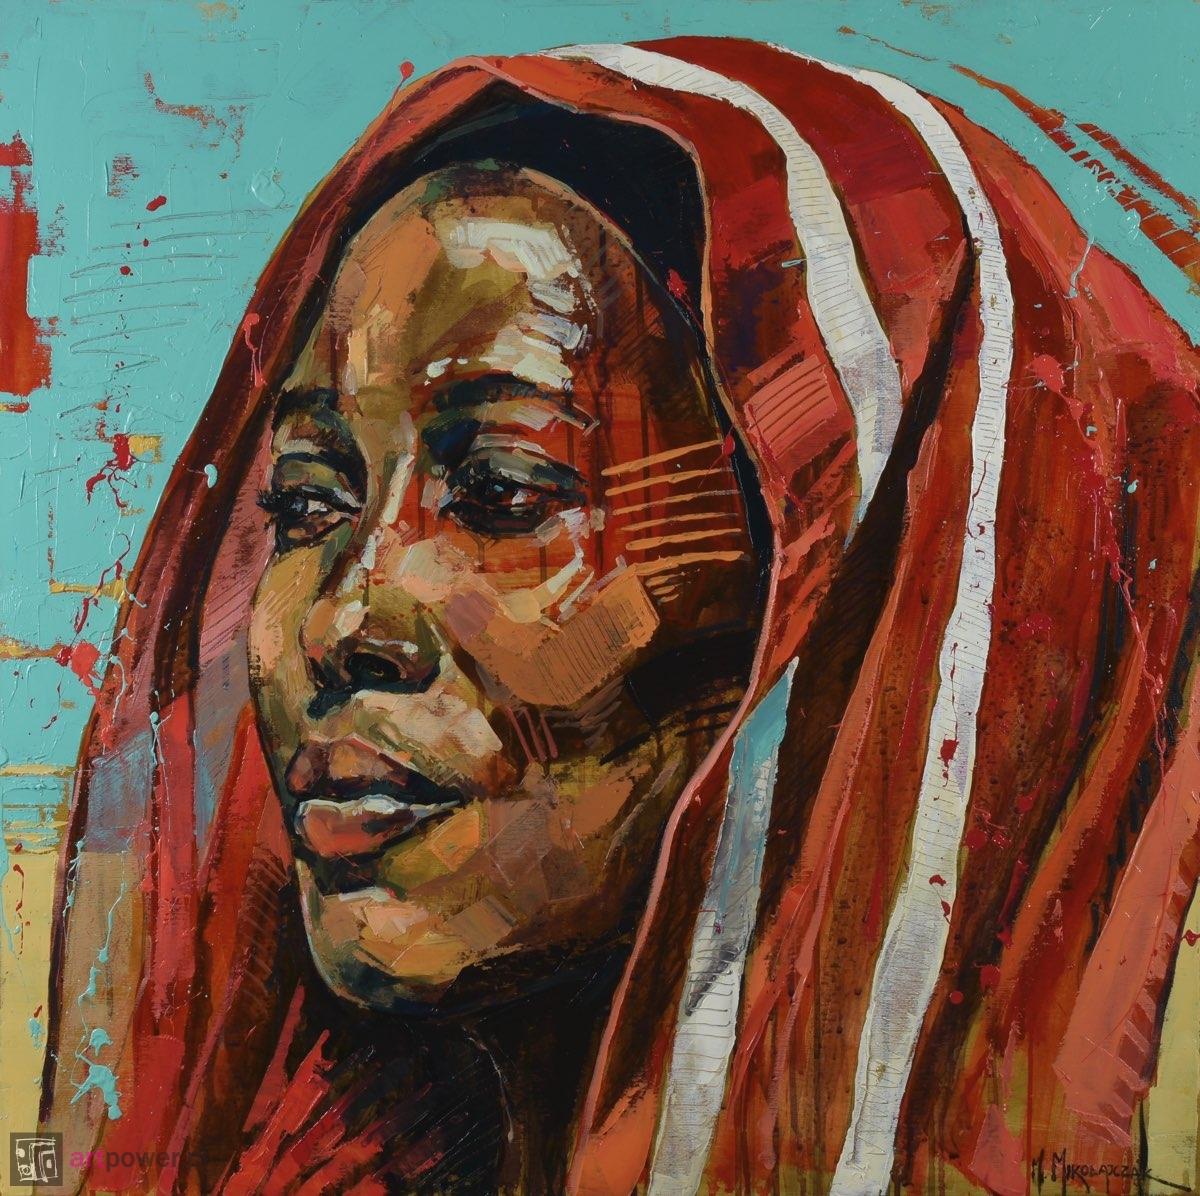 Kobieta z nadmorskiej wioski